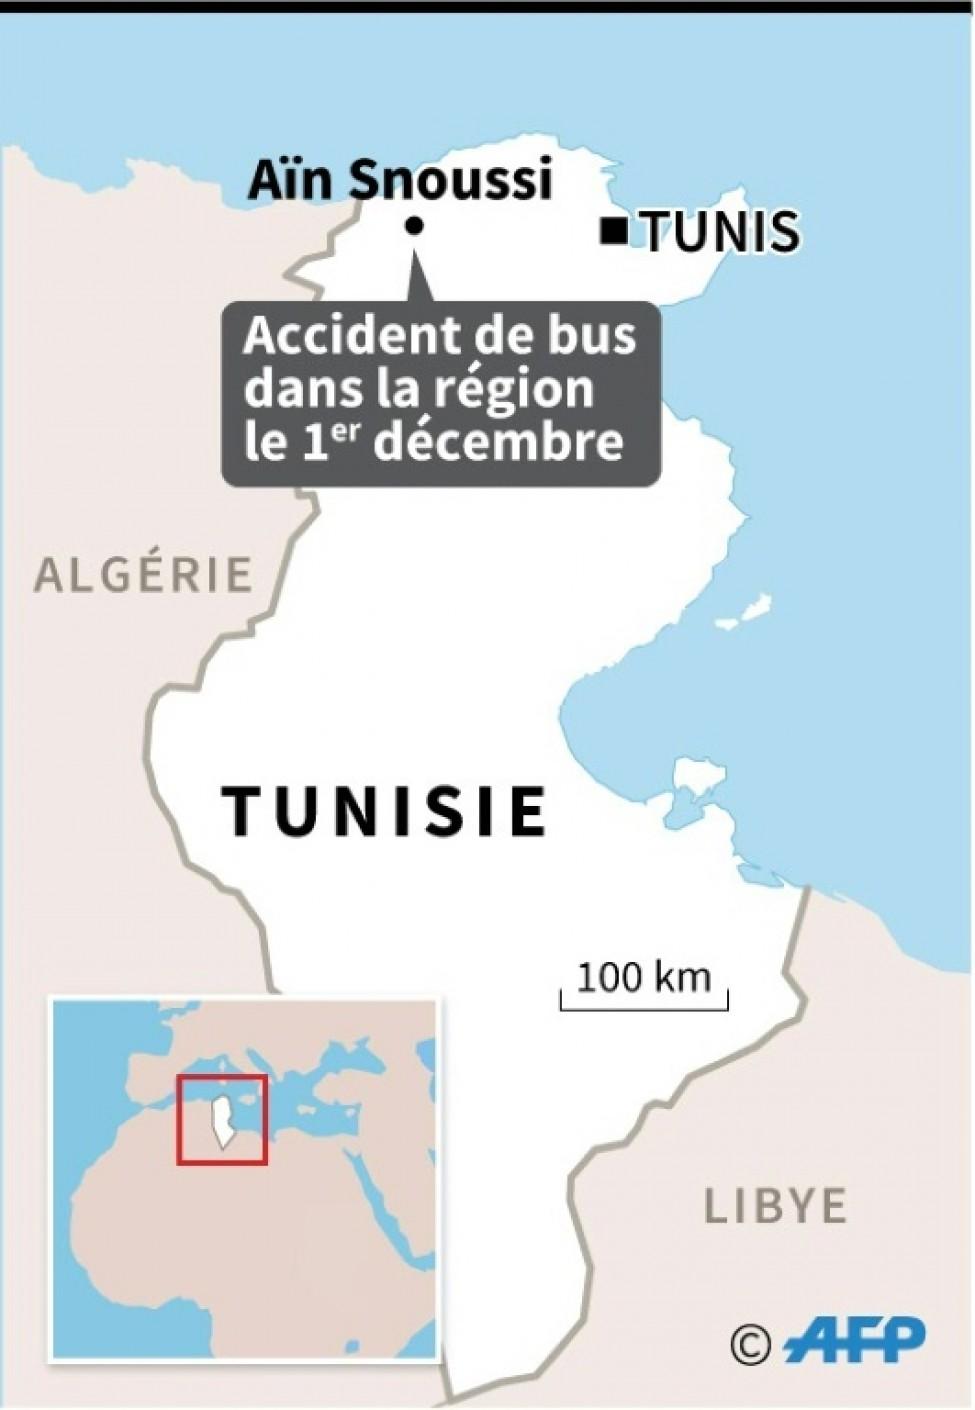 Carte de Tunisie localisant la région Aïn Snoussi